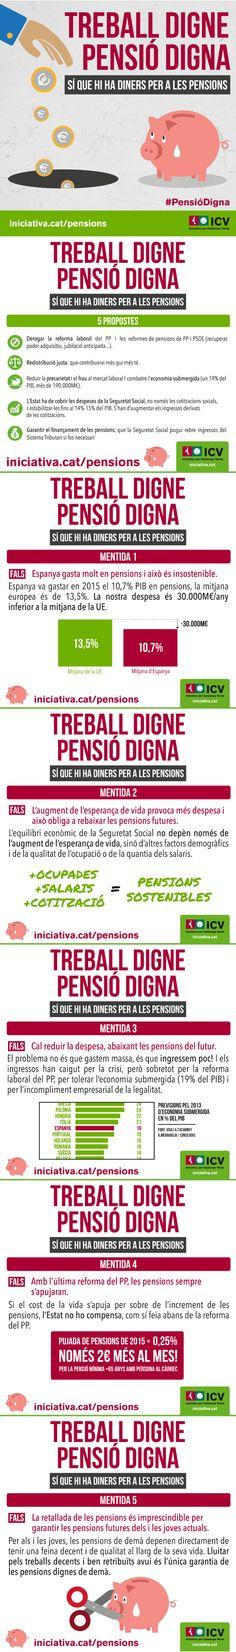 """""""Treball digne, pensió digna"""" - Campanya sobre pensions (11-12/2016)"""